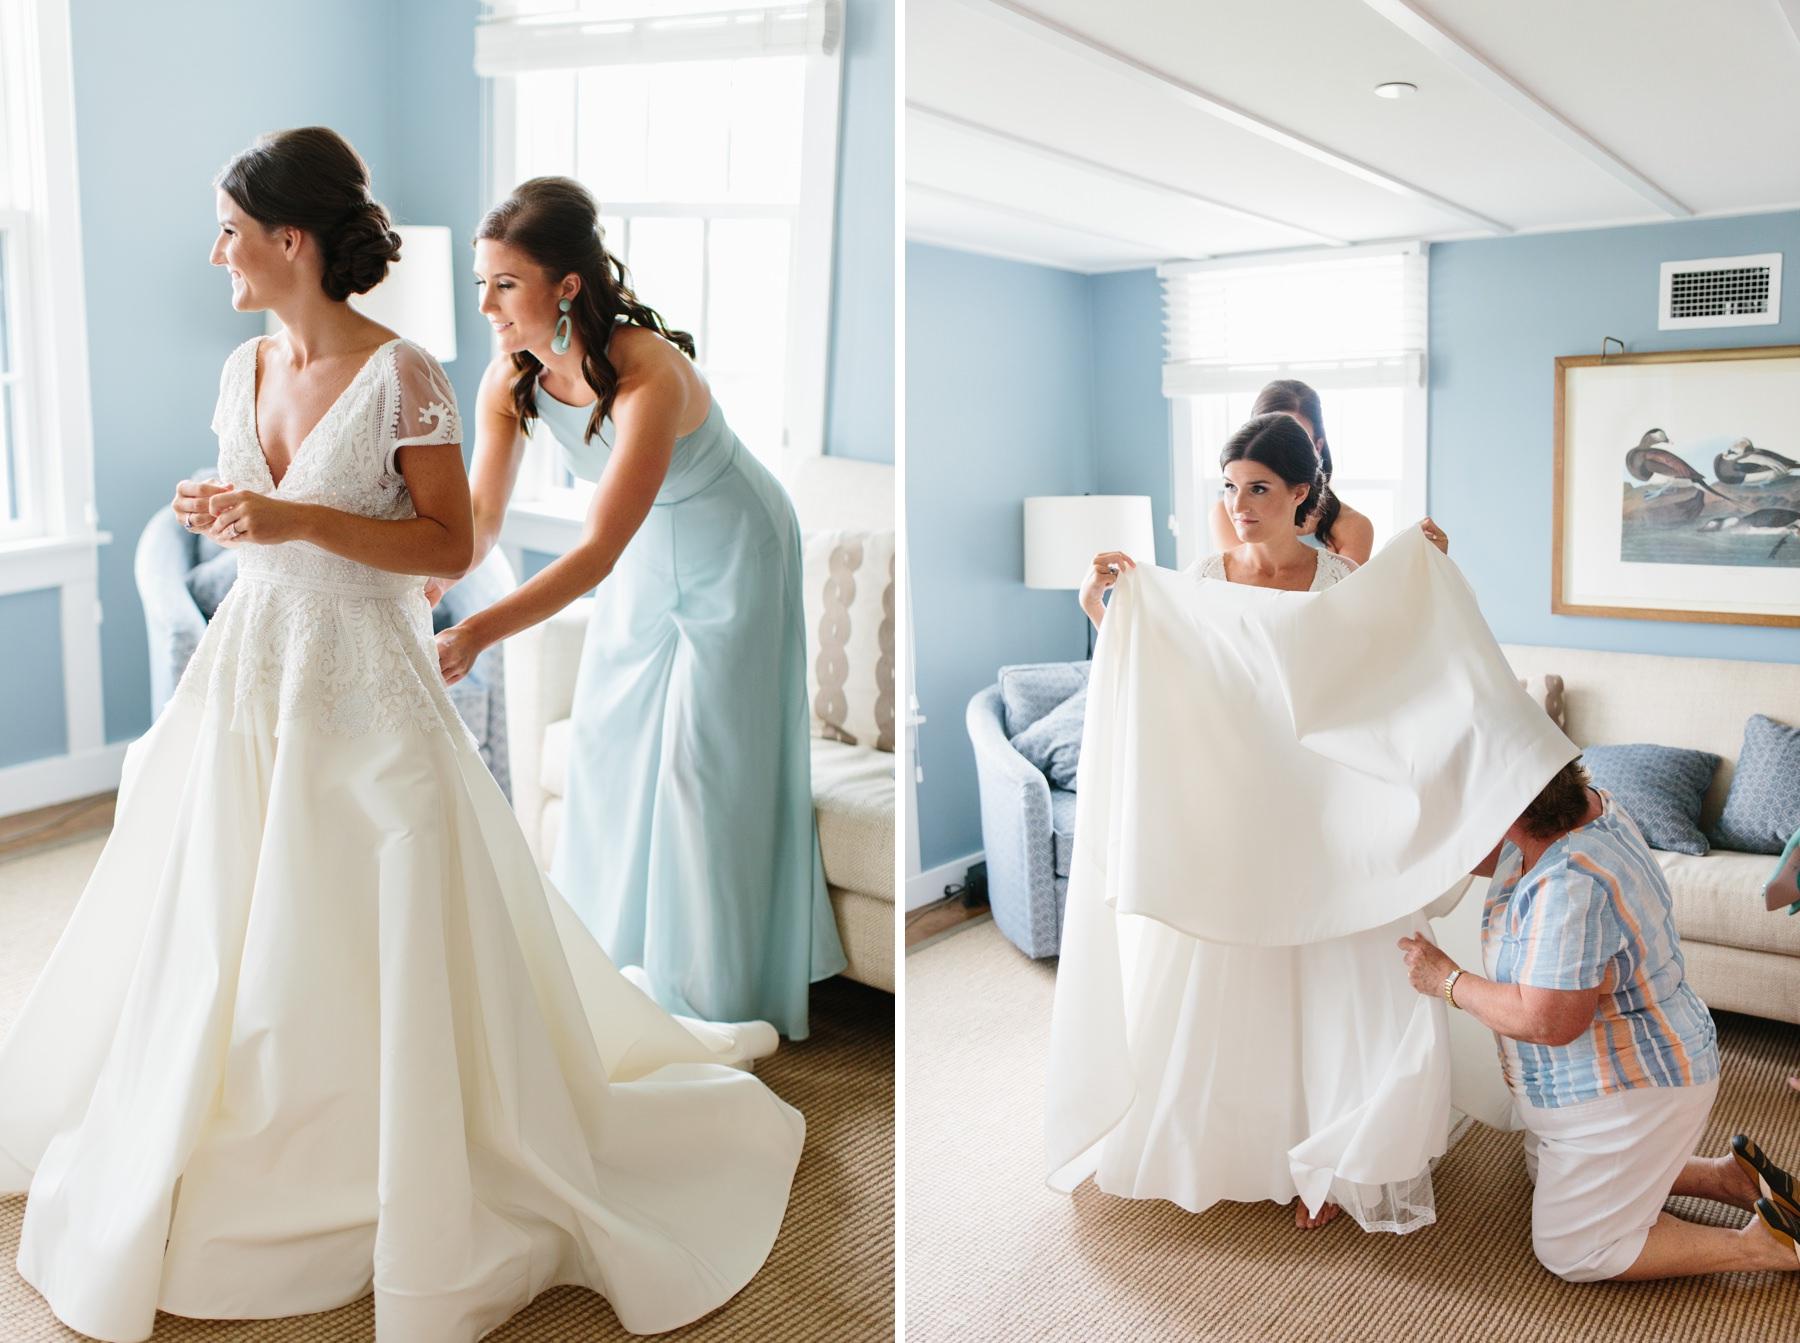 weekapaug inn bridal suite